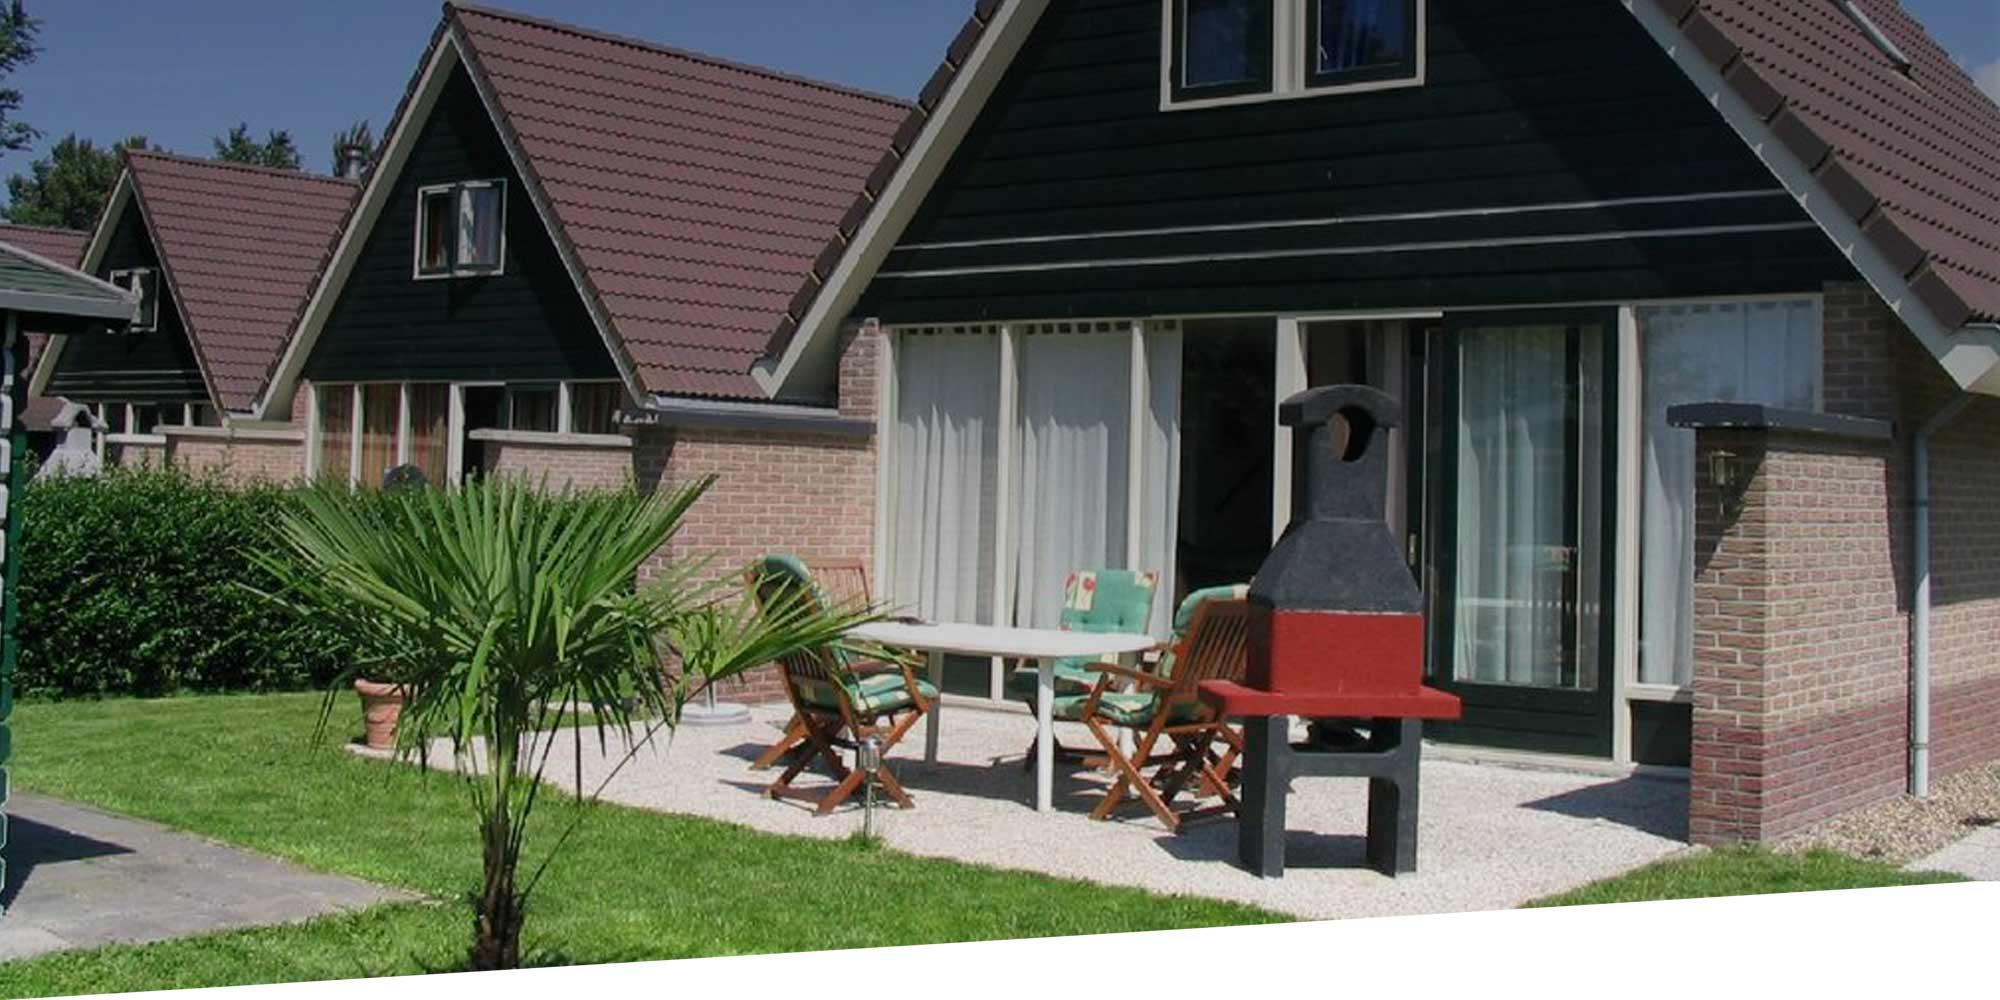 ferienhaus nordsee sint maarten mieten buchen ferienhaus. Black Bedroom Furniture Sets. Home Design Ideas